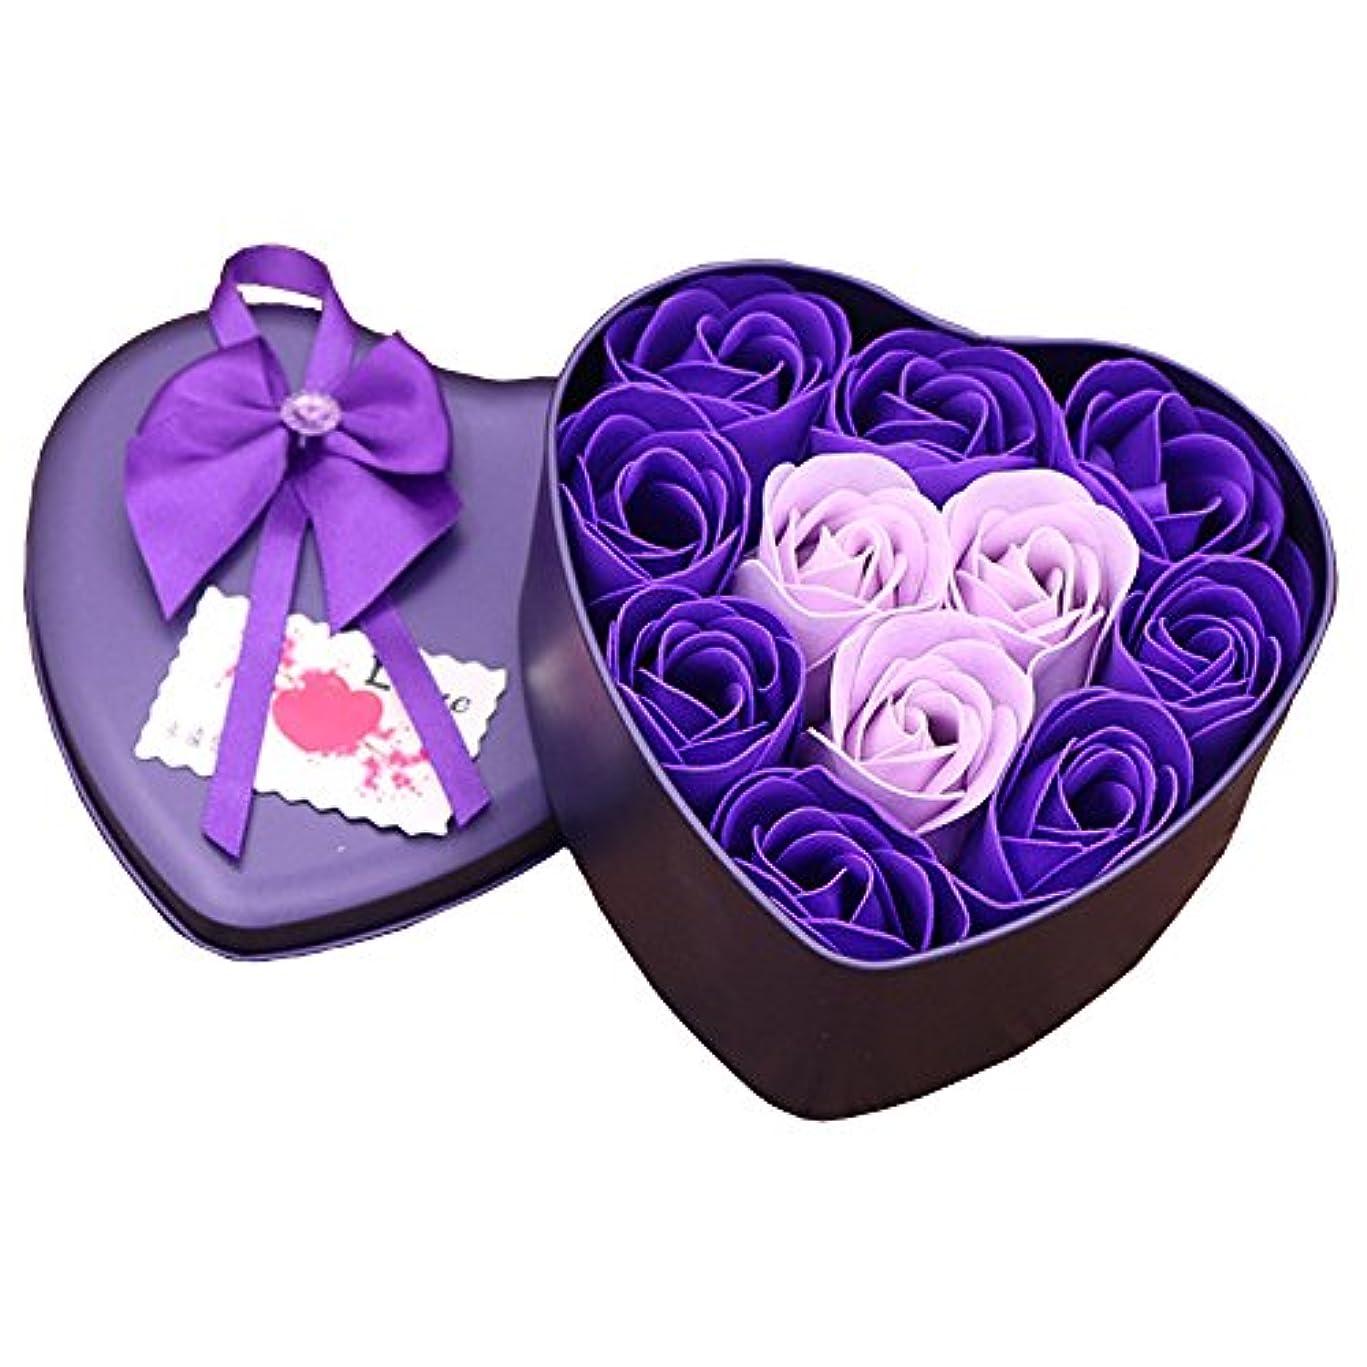 週末レビュアーずるいiCoole ソープフラワー 石鹸花 ハードフラワー形状 ギフトボックス入り 母の日 バレンタインデー お誕生日 ギフト